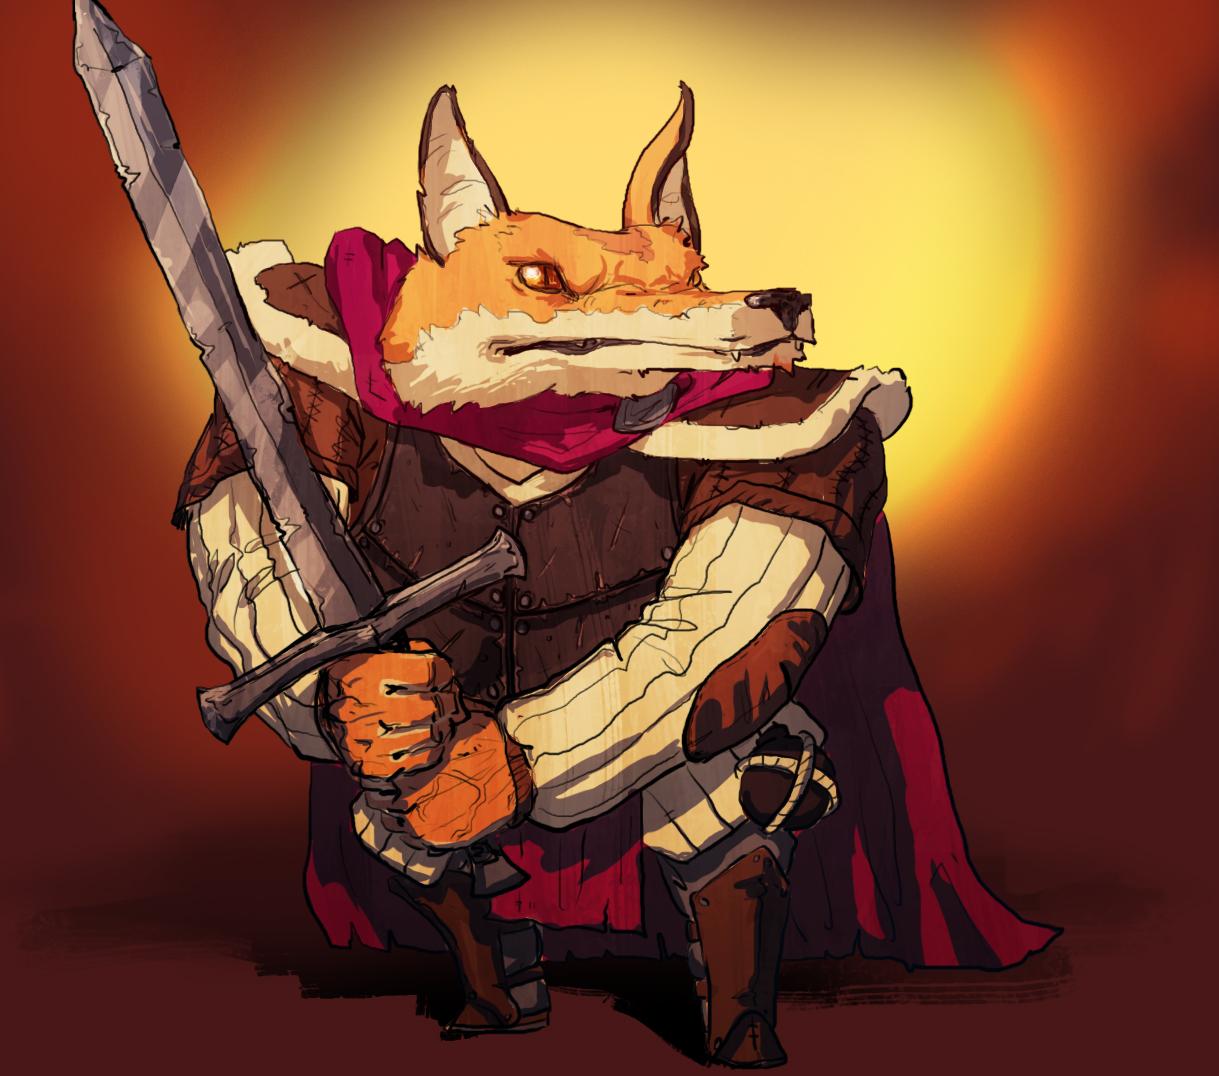 Sir Lancefox